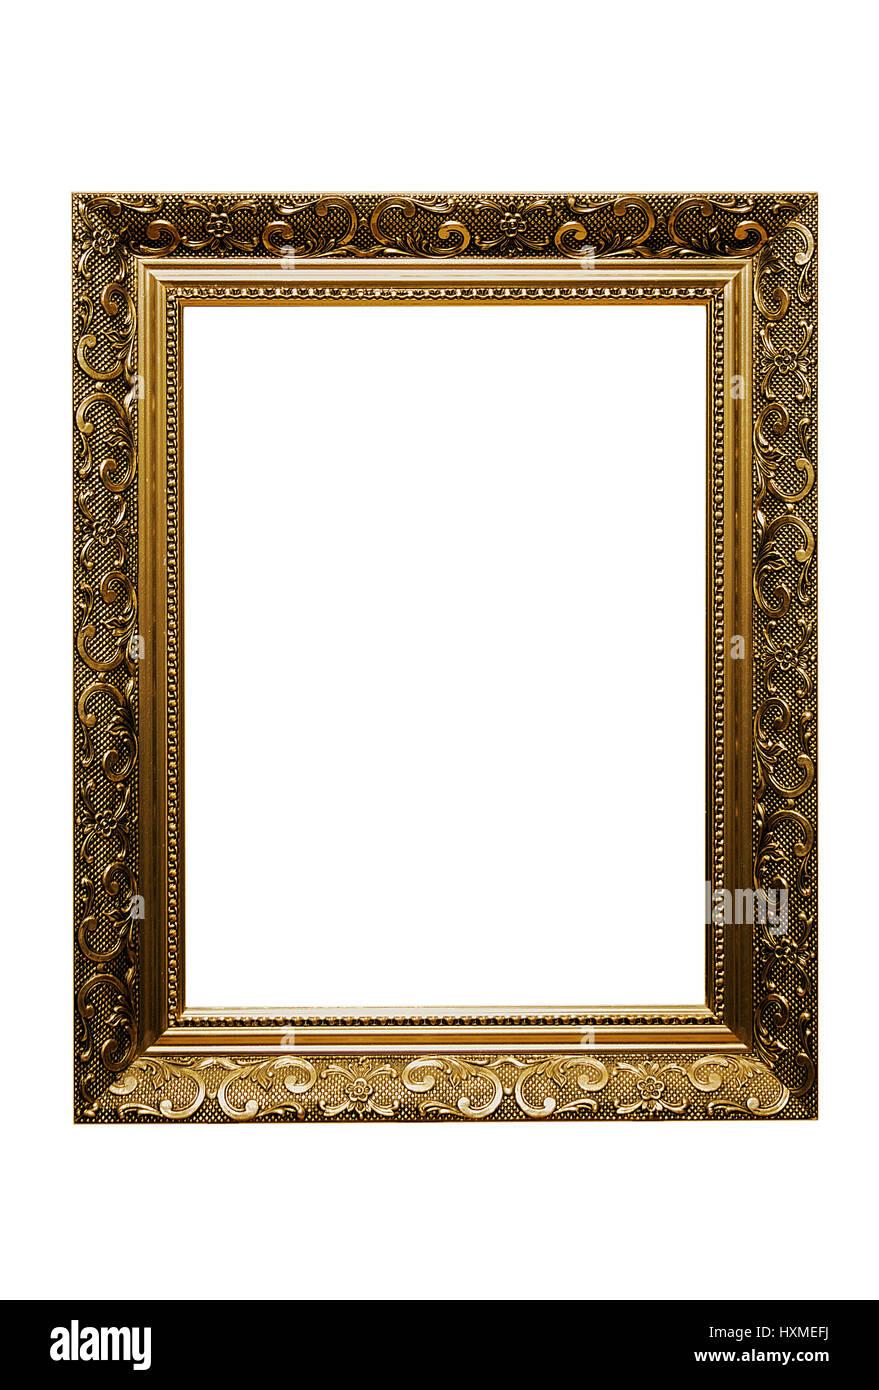 270528e3fef Baroque Picture Frame Stock Photos   Baroque Picture Frame Stock ...